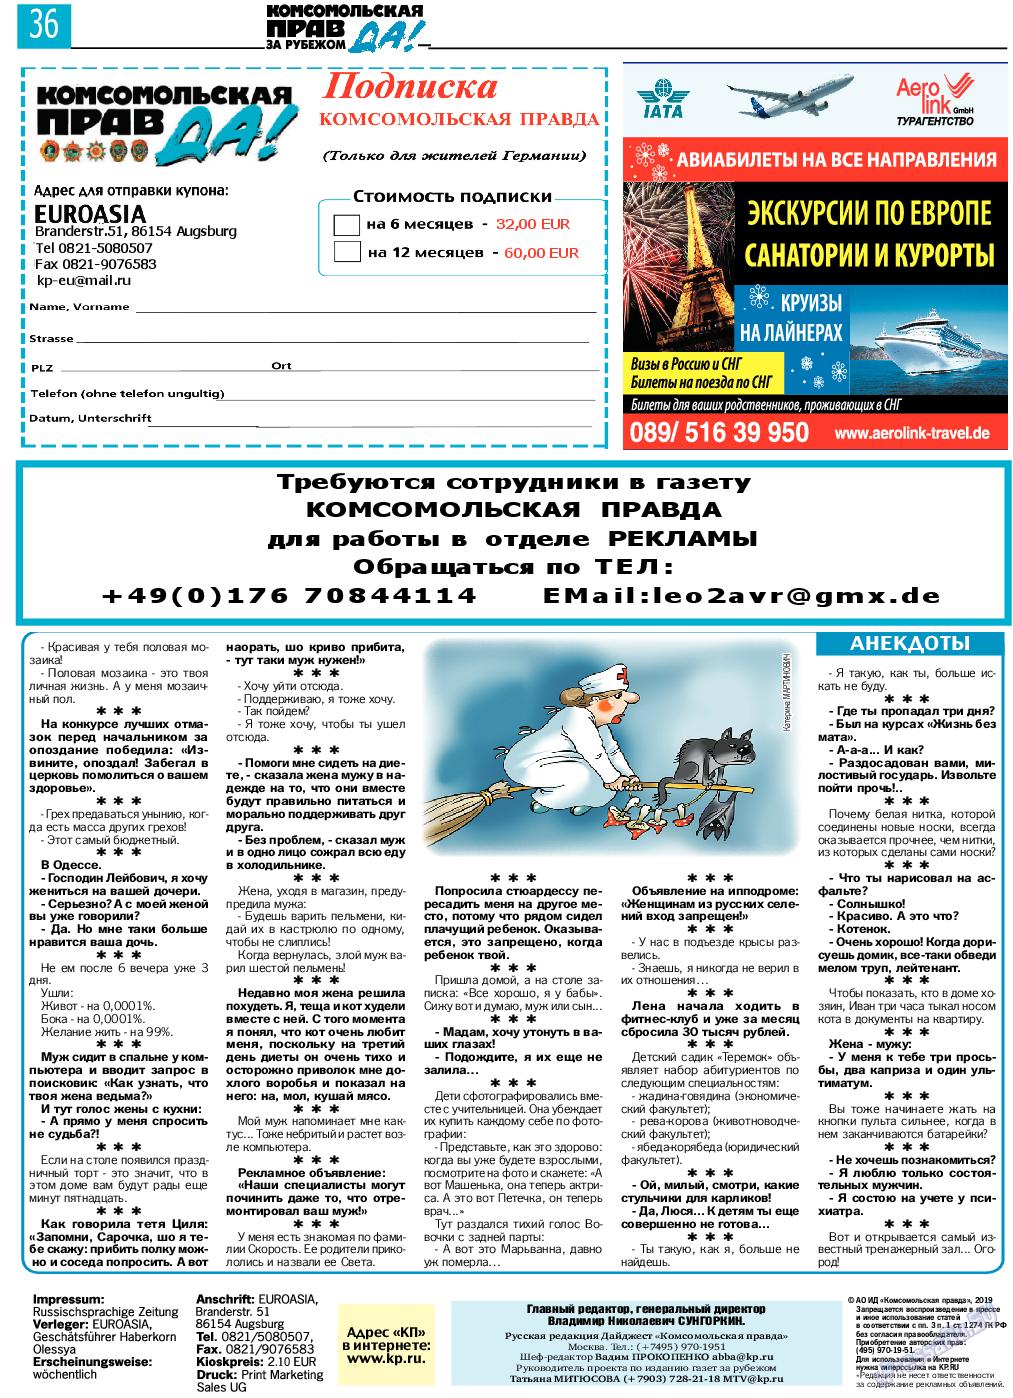 КП в Европе (газета). 2019 год, номер 18, стр. 36